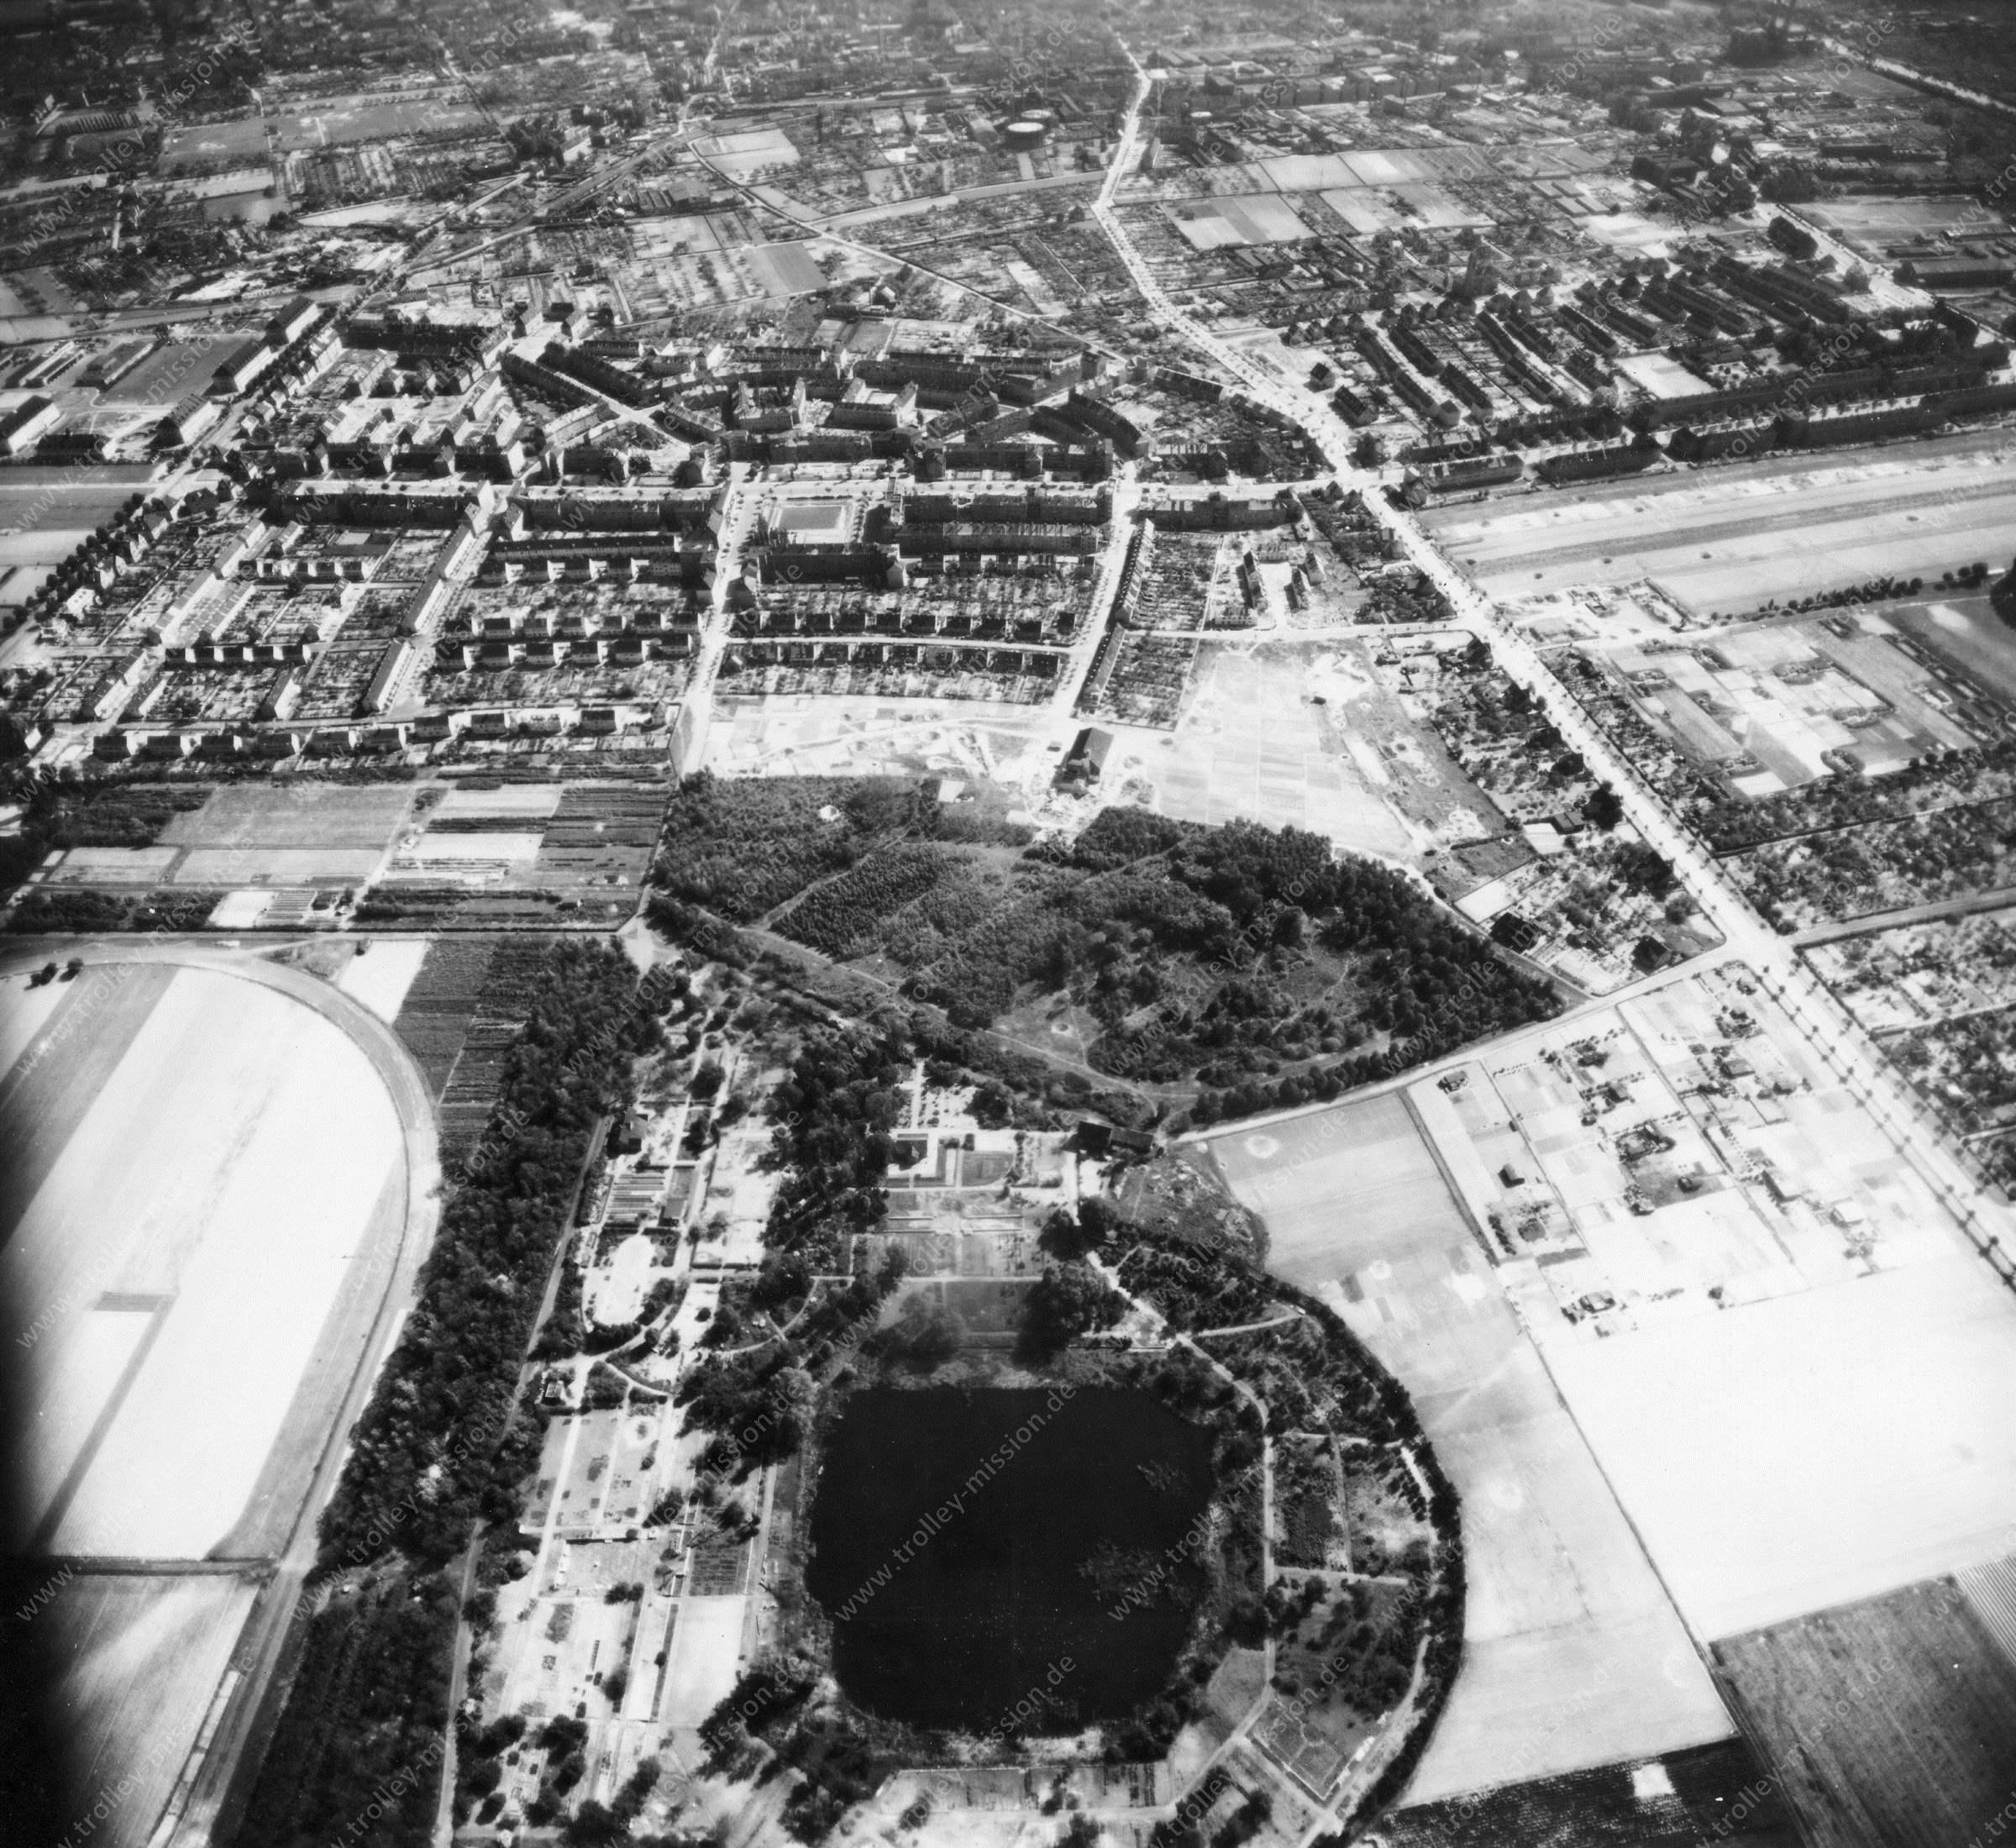 Luftbild von Braunschweig am 12. Mai 1945 - Luftbildserie 1/11 der US Air Force